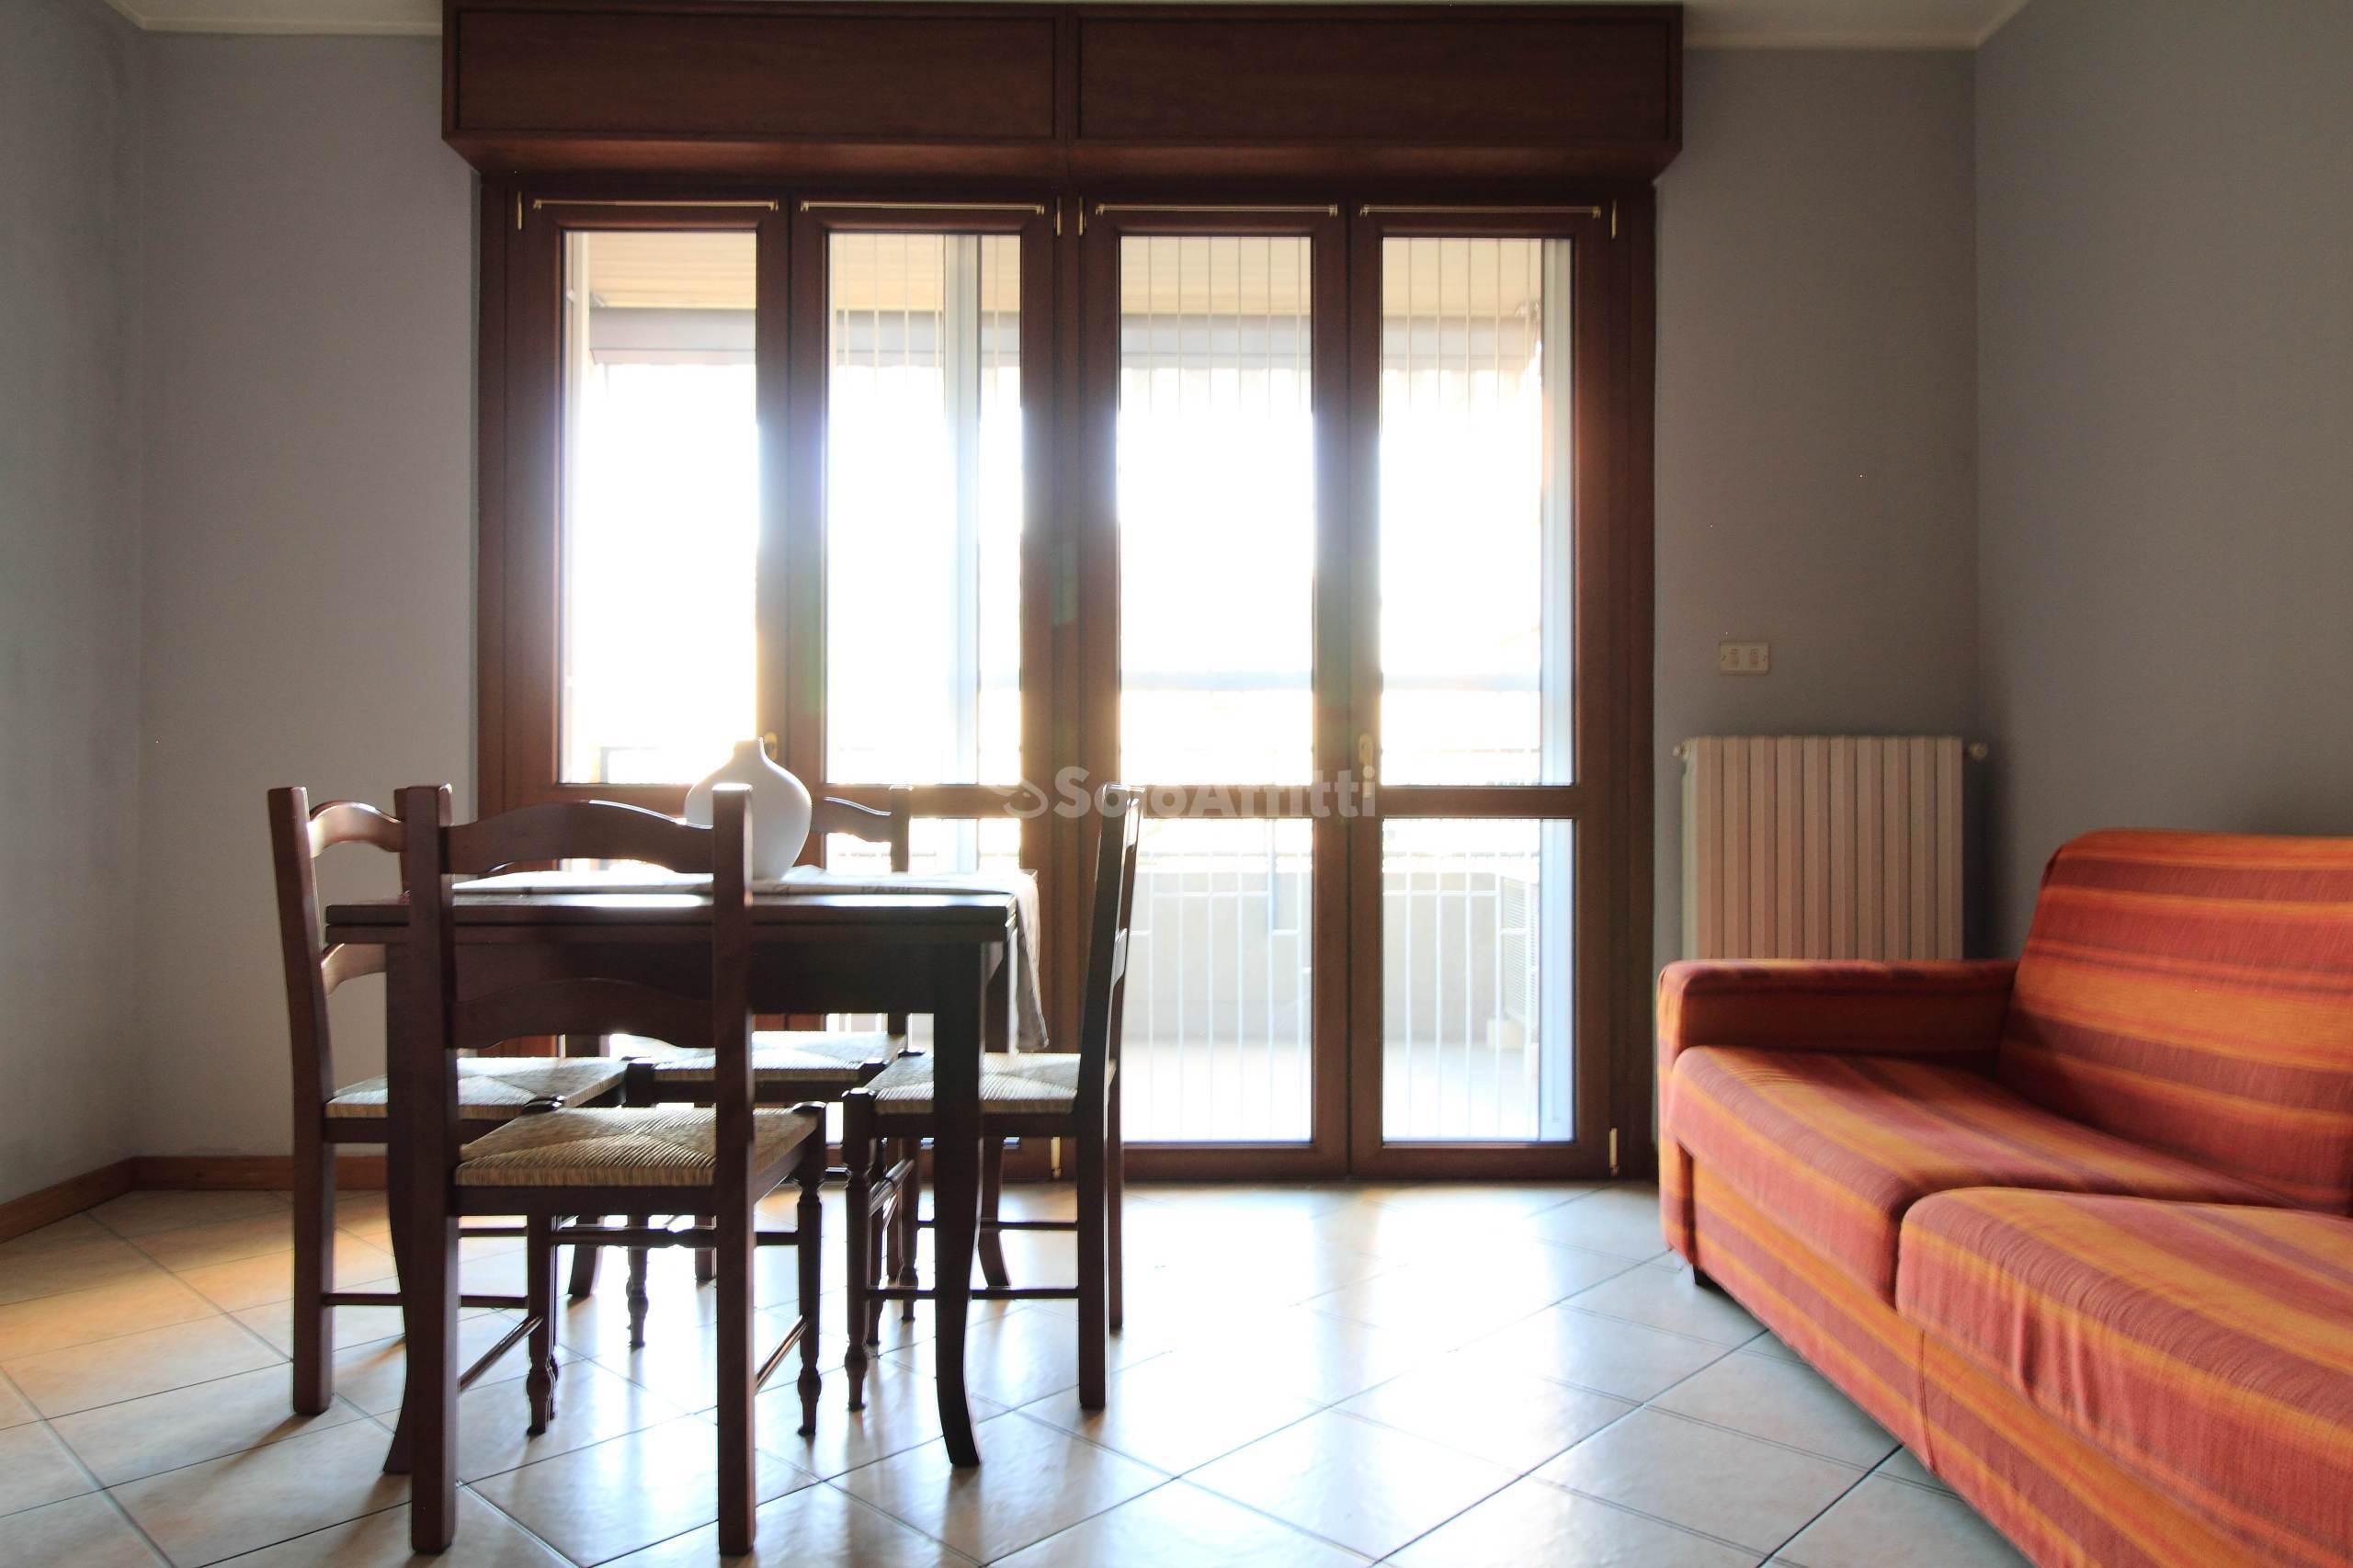 Affitto case lombardia affitto appartamenti ville solo for Affitto lainate arredato